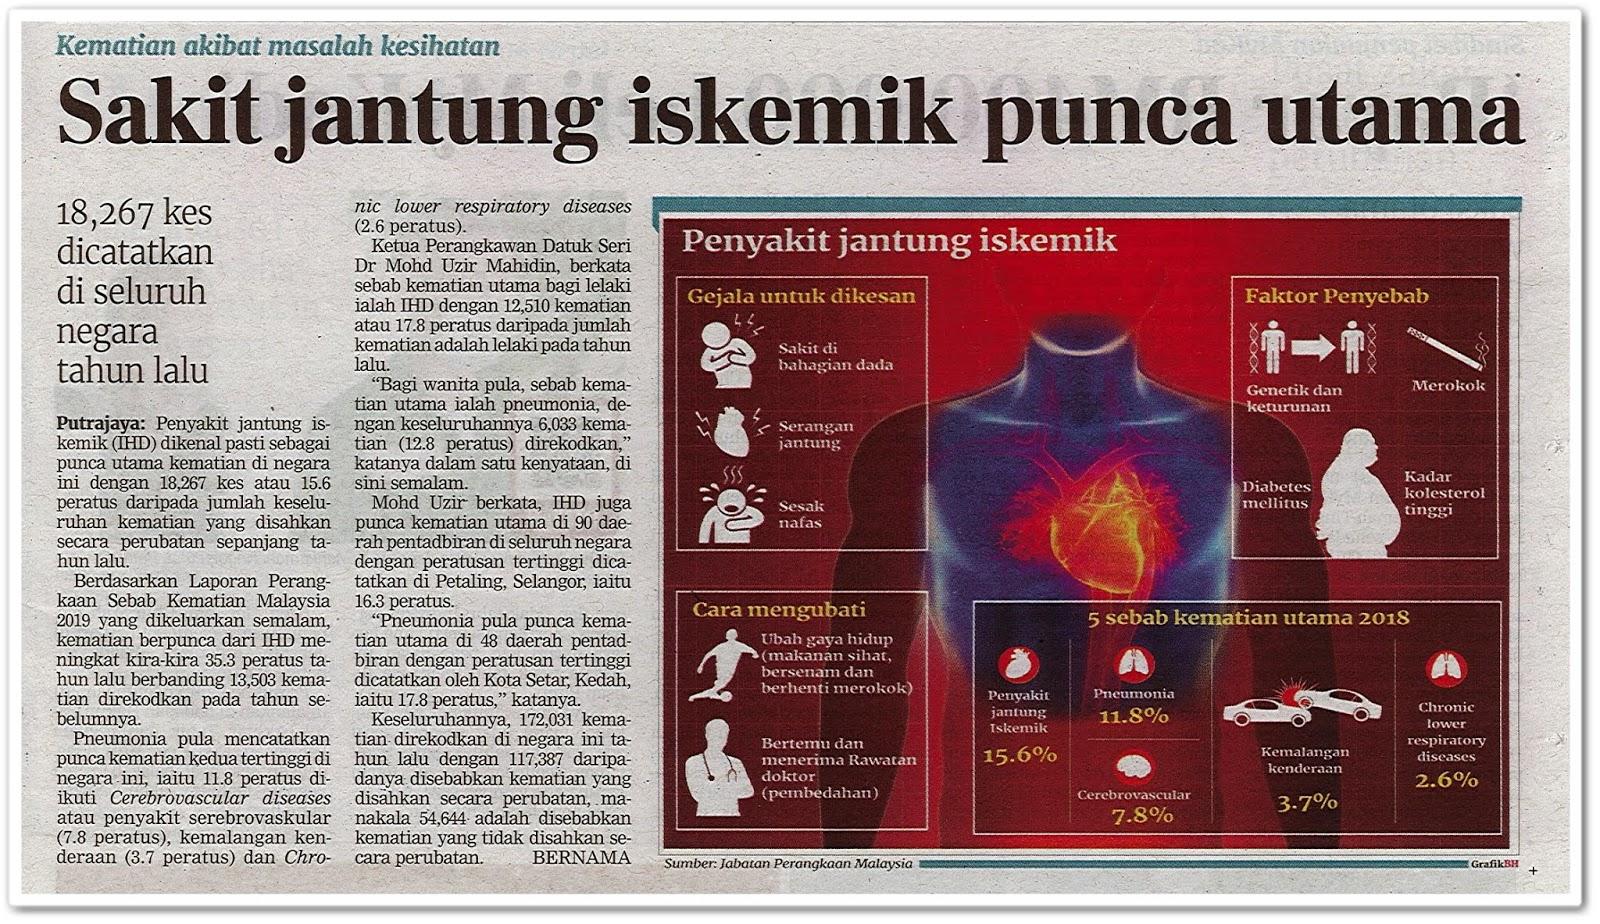 Sakit jantung iskemik punca utama - Keratan akhbar Berita Harian 31 Oktober 2019